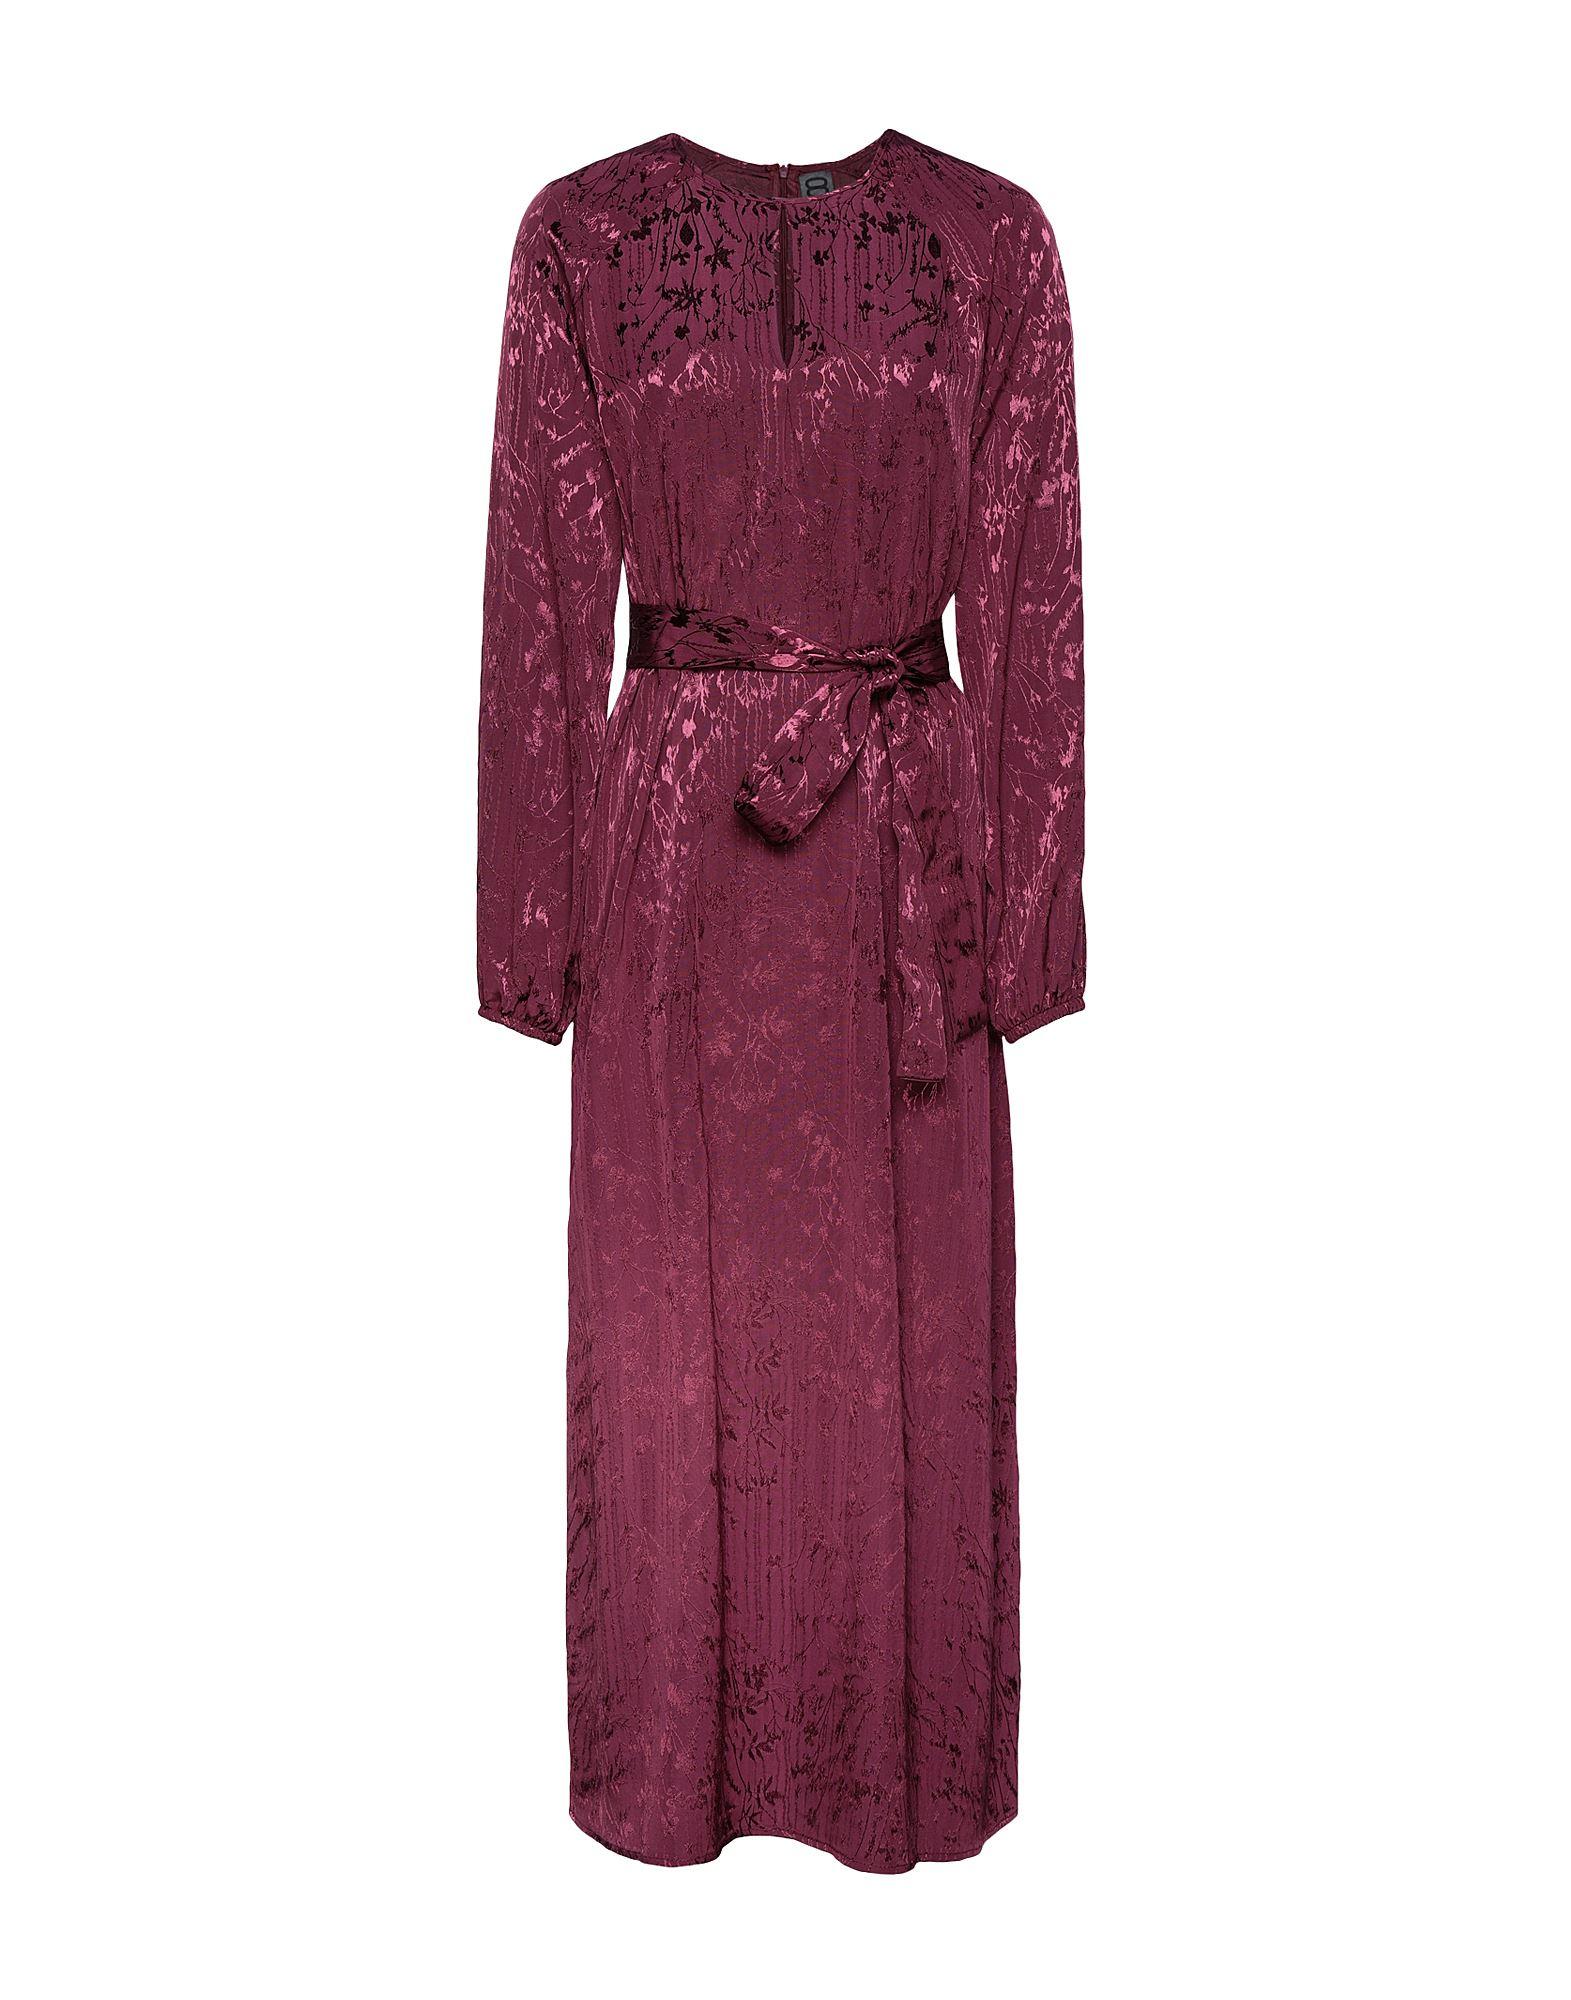 купить 8 by YOOX Длинное платье по цене 6930 рублей